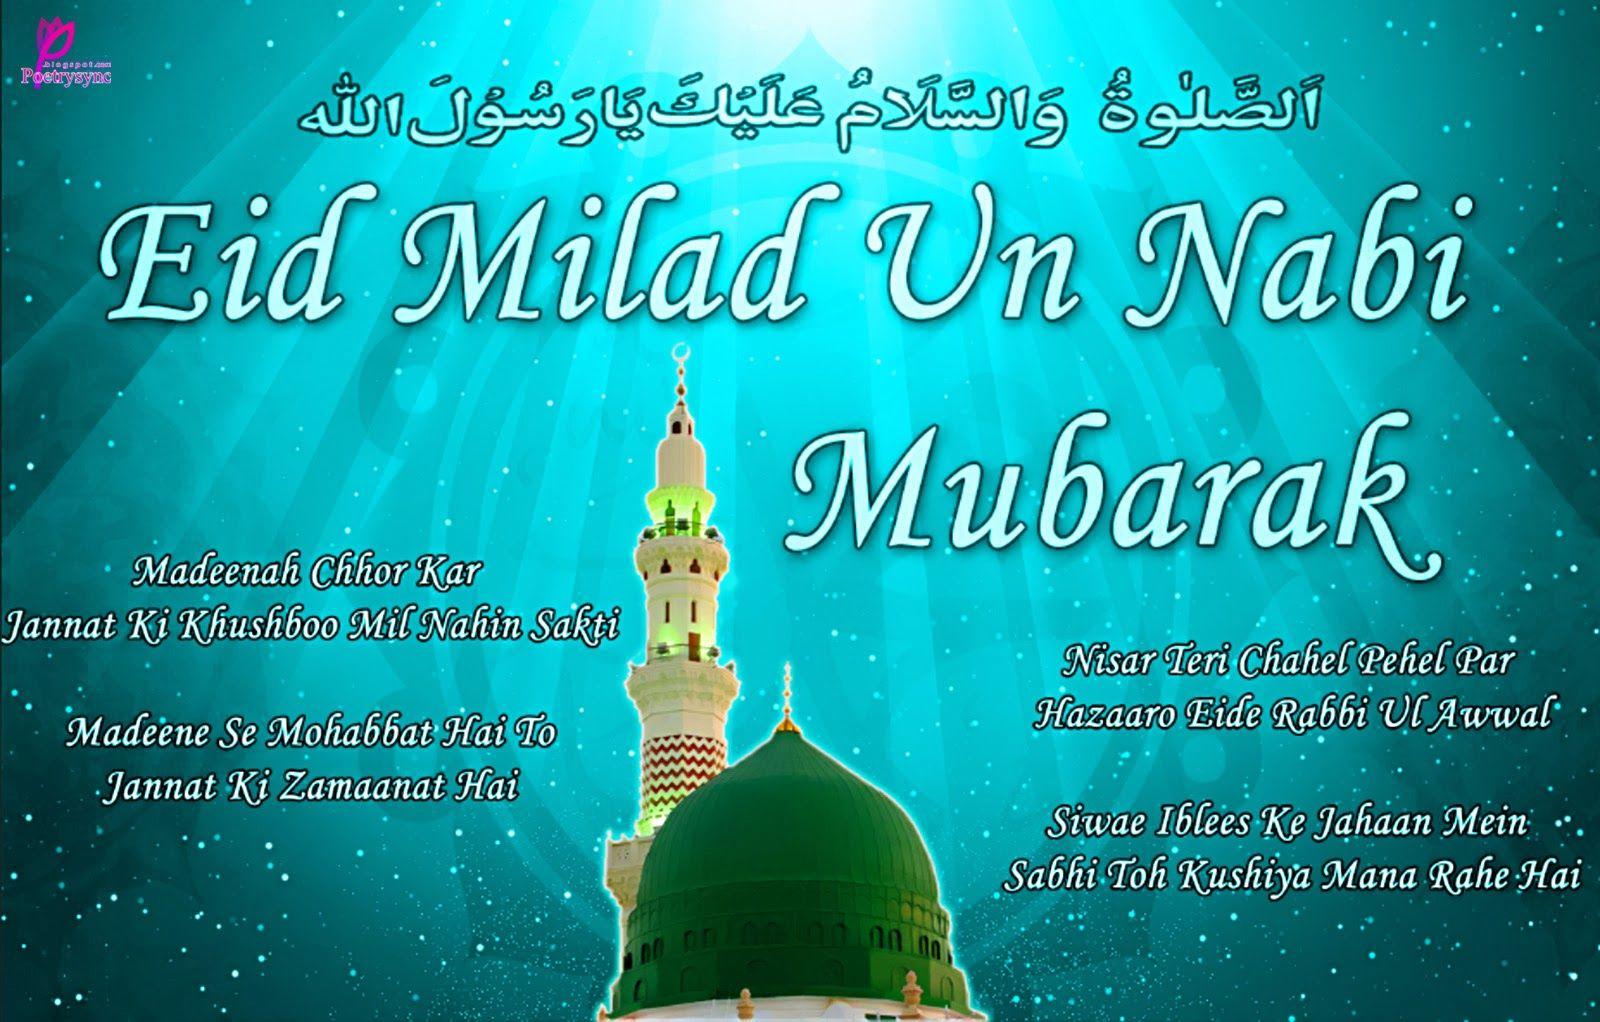 Eid Milad Un Nabi Greetings Card Eid Milad Un Nabi Eid Milad